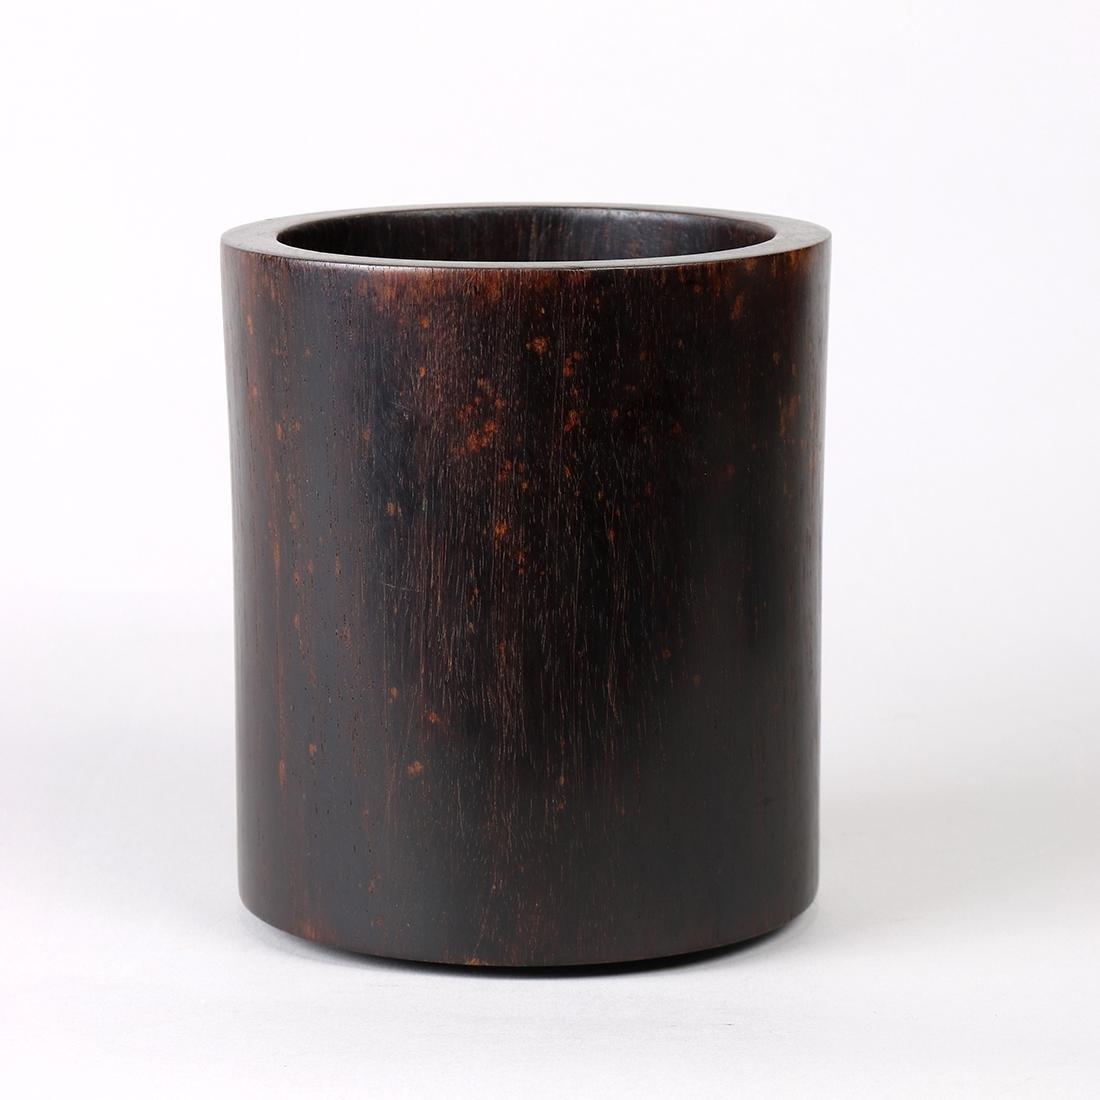 Chinese Cylindrical Wood Brush Pot - 3